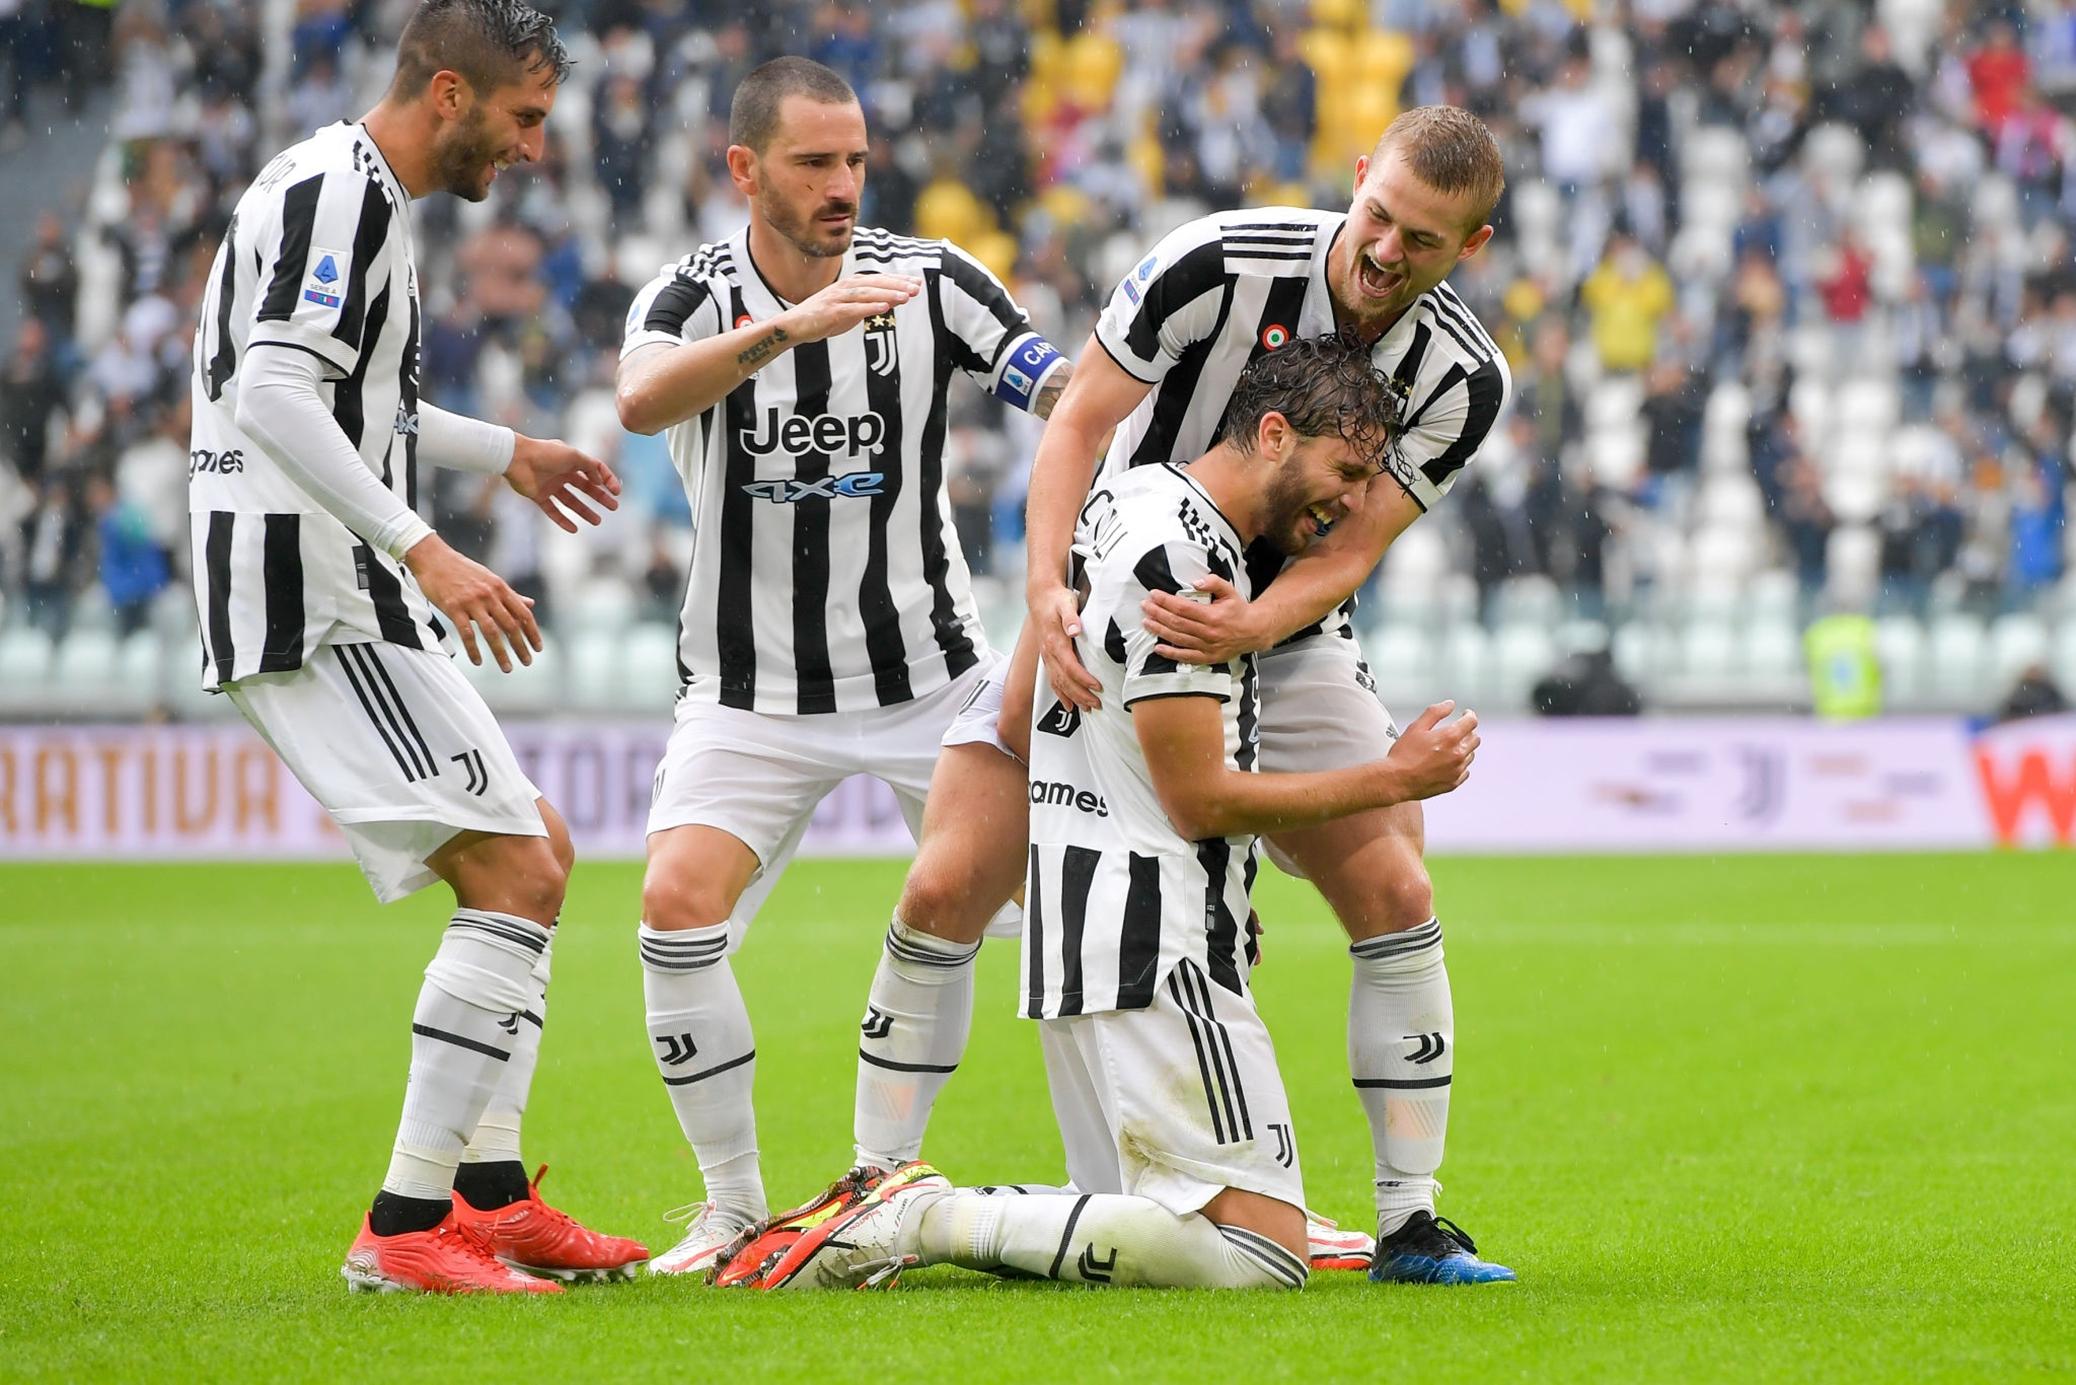 Juventus Sampdoria 3 2, avanti a fatica: pagelle e tabellino